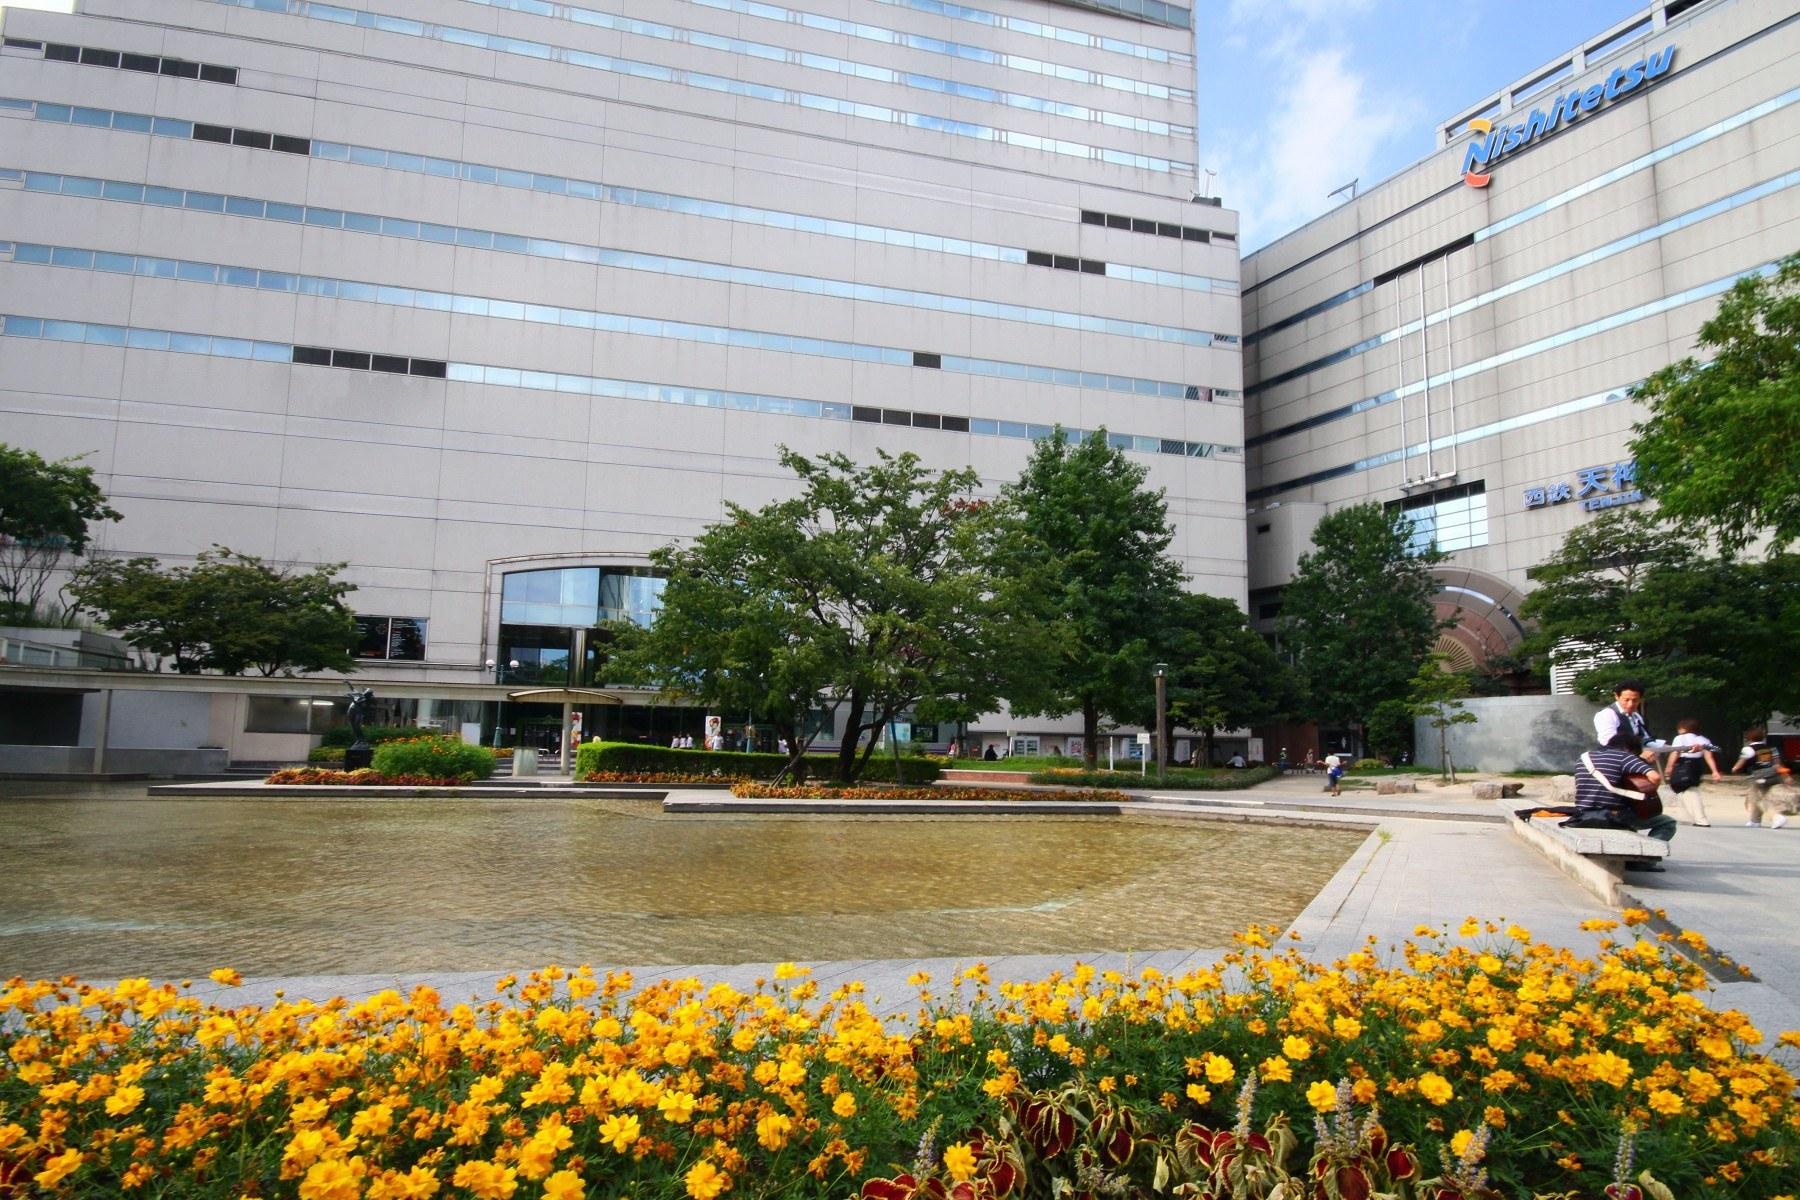 警固公園(2009)の画像